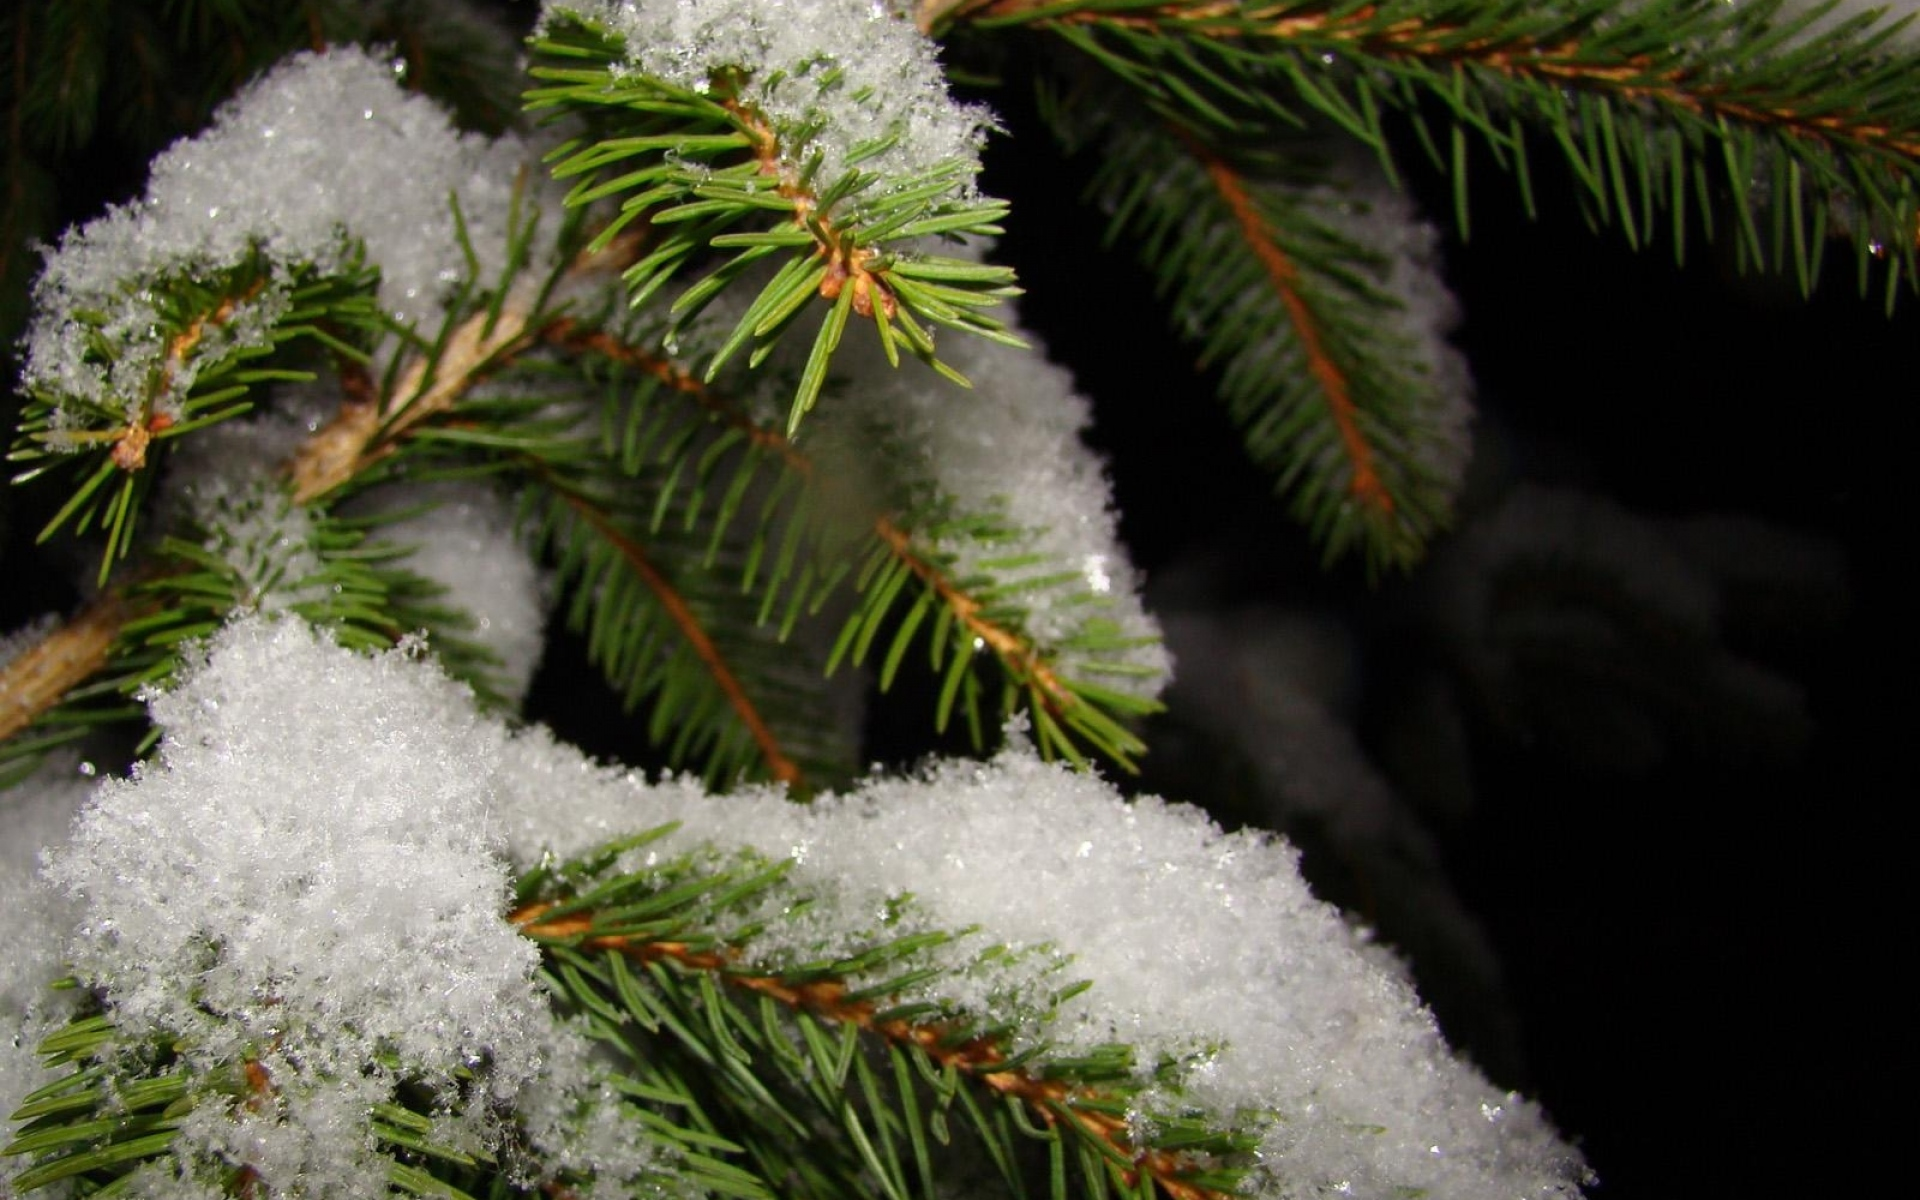 иисуса, картинки на рабочий стол снег на елках представляет собой